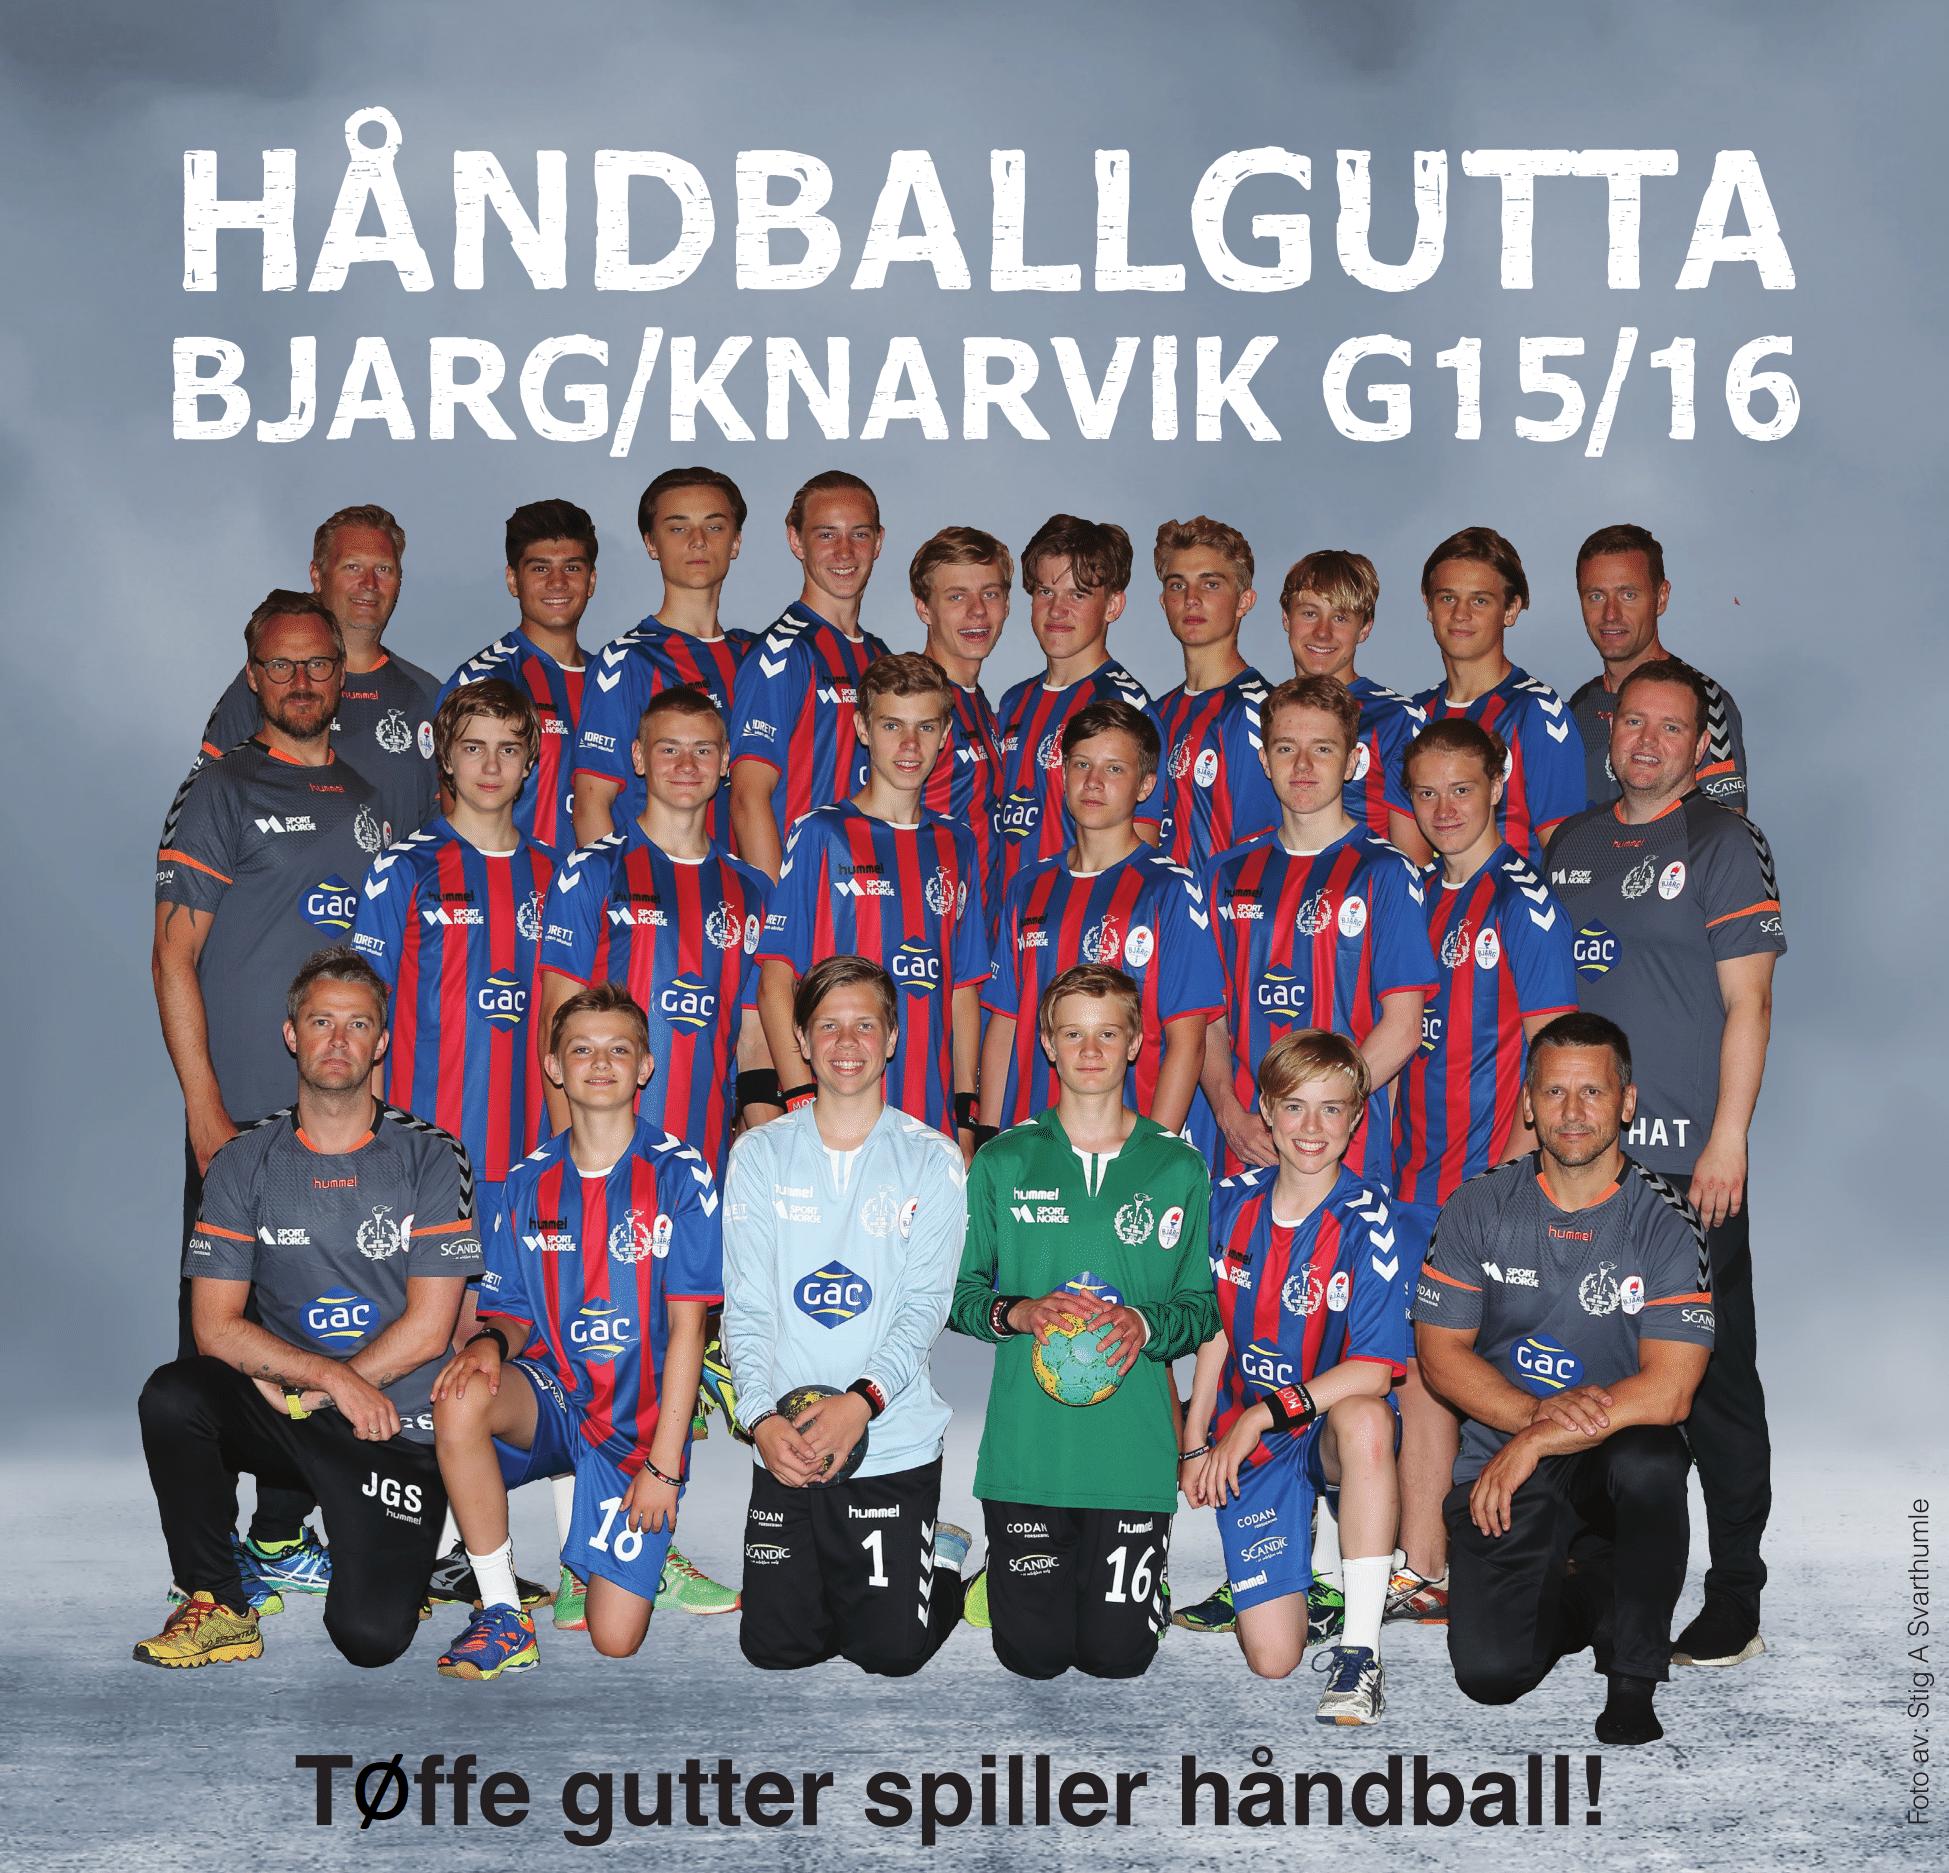 Bjarg/Knarvik G15/16 viser stolt frem de nye draktene. Vi legger merke til at Codan Forsikring har fått en fin plass til sin logo på shortsen til spillerne.